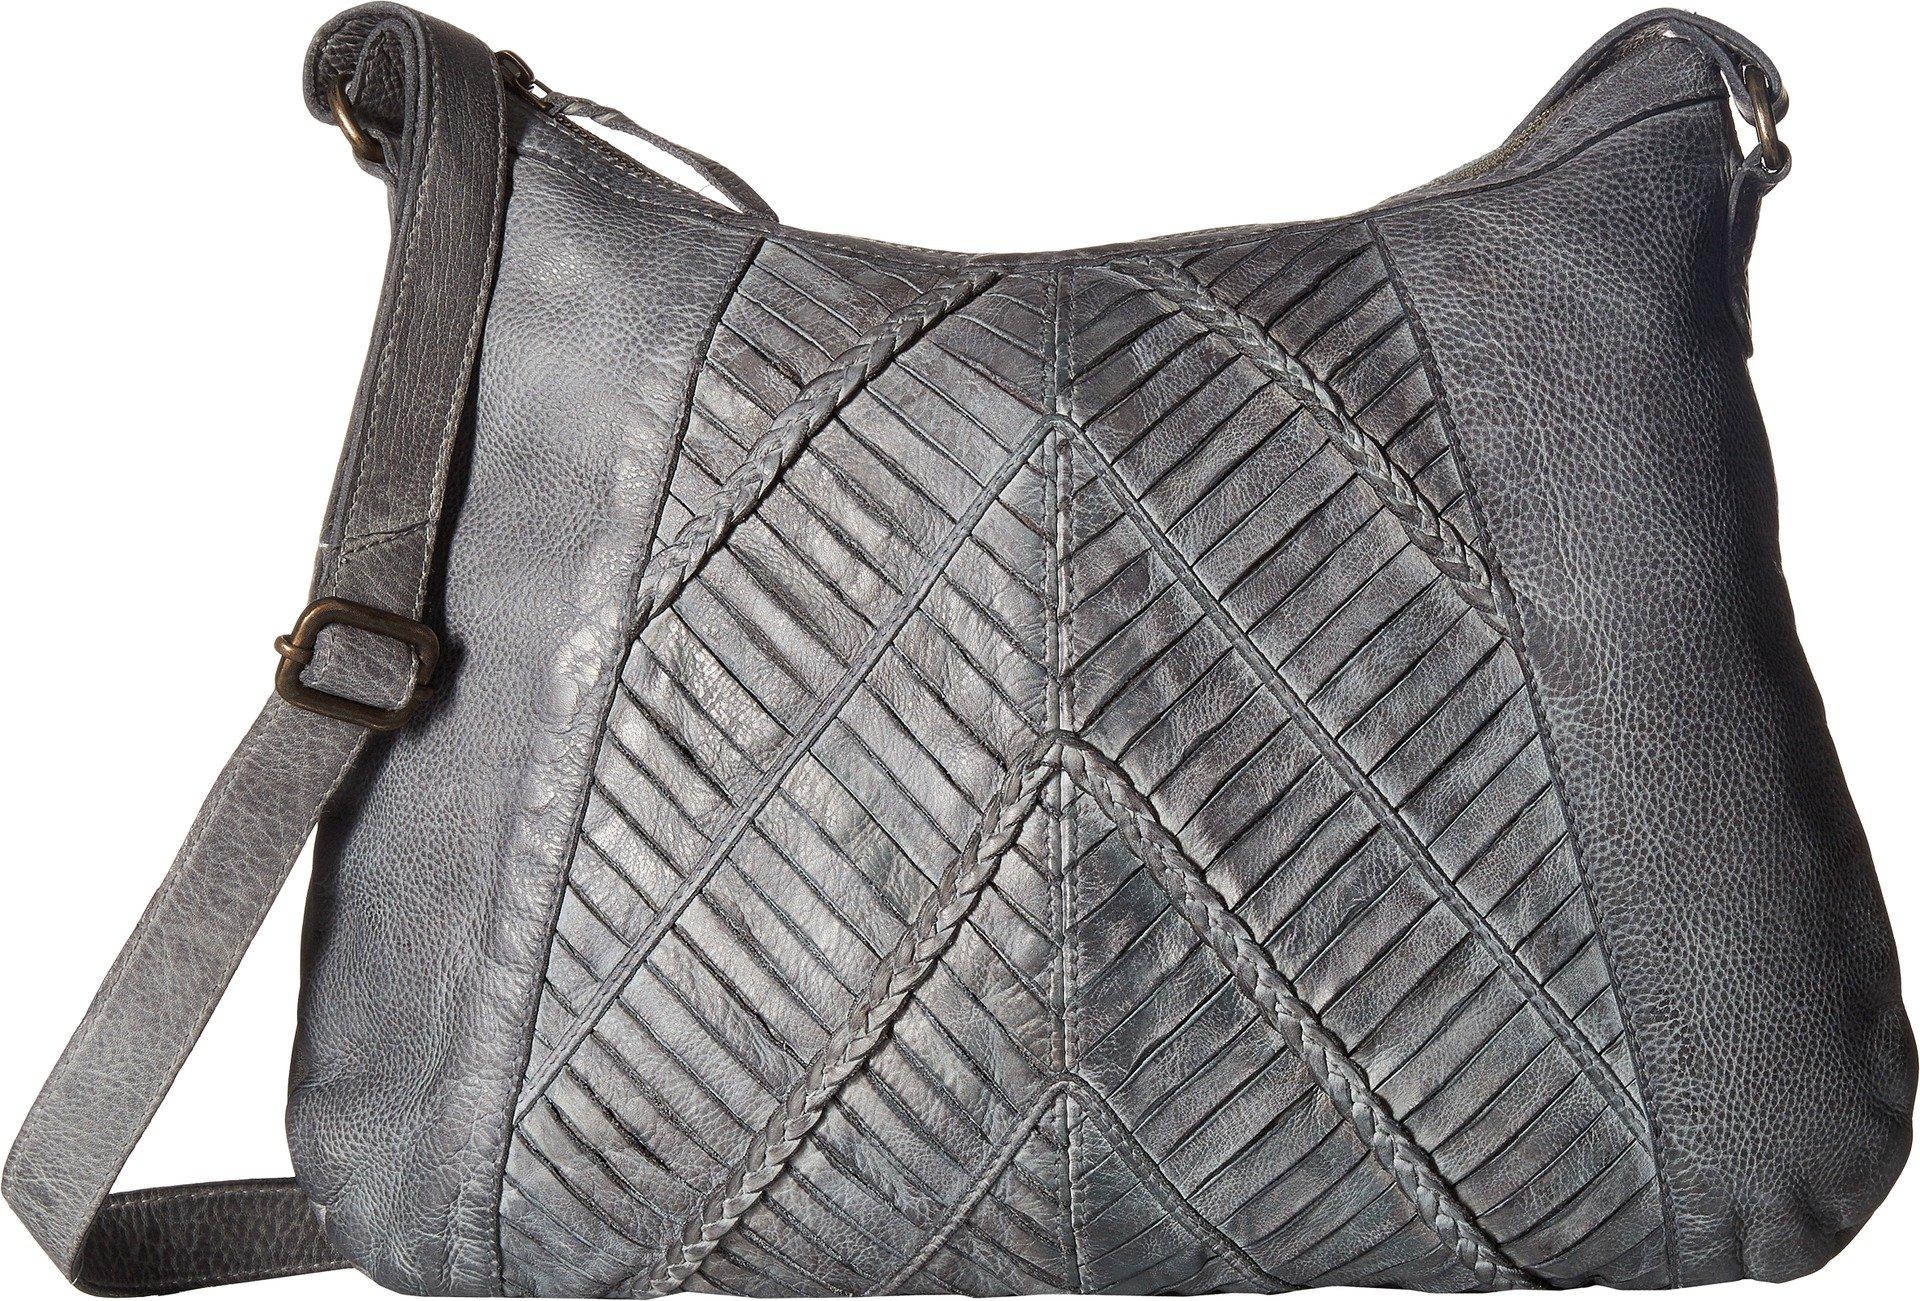 Amsterdam Heritage Women's Groen Grey Handbag